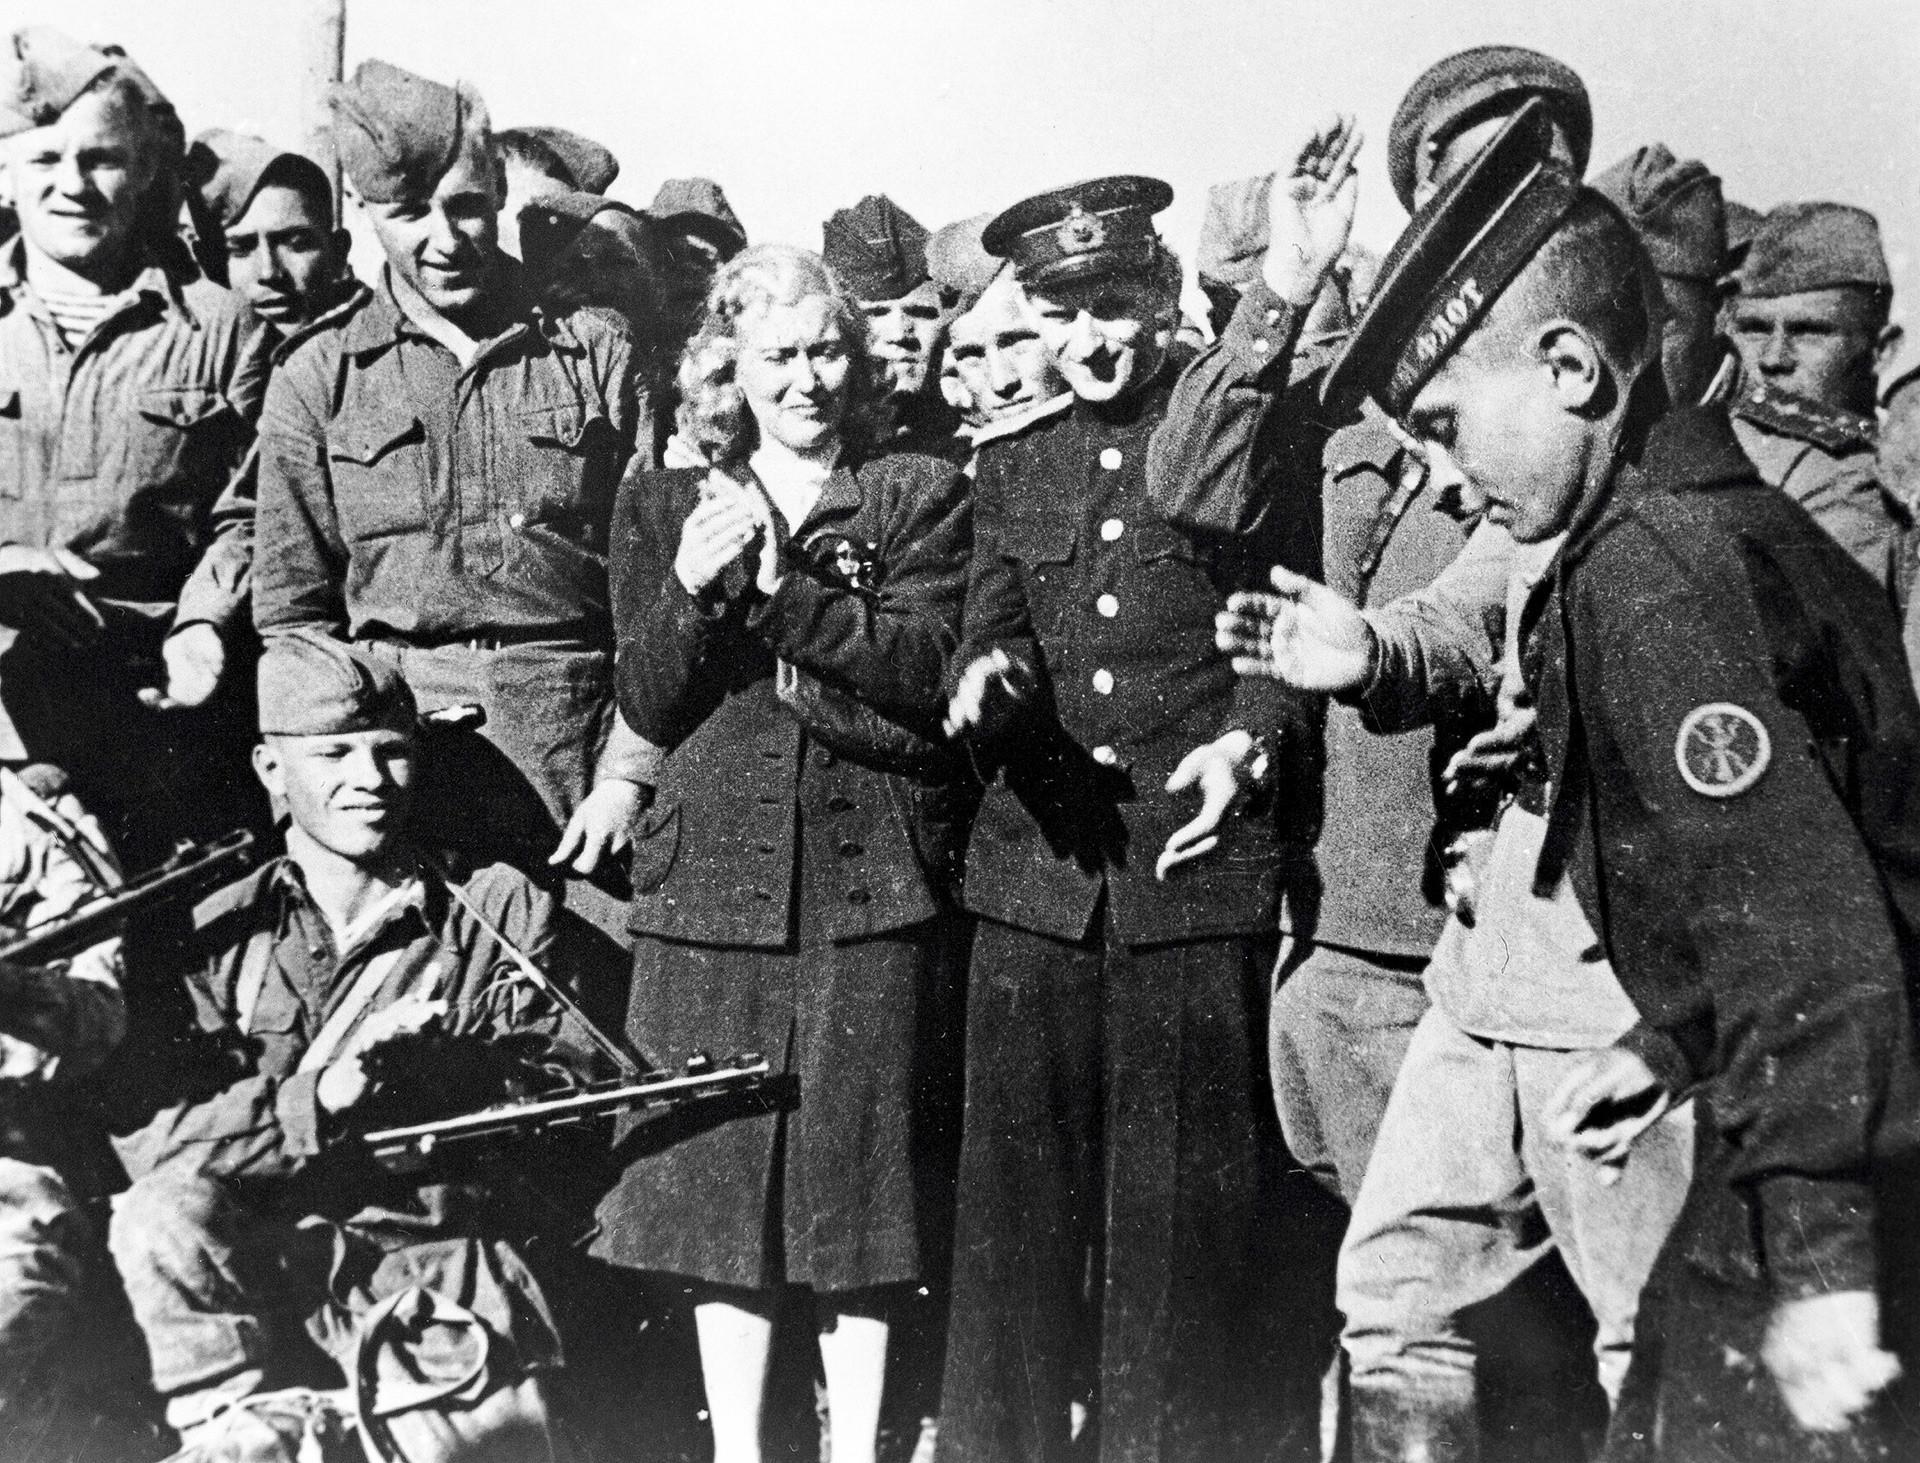 海軍の歩兵を訪問しているリュボーフィ・オルロワ。1944年。